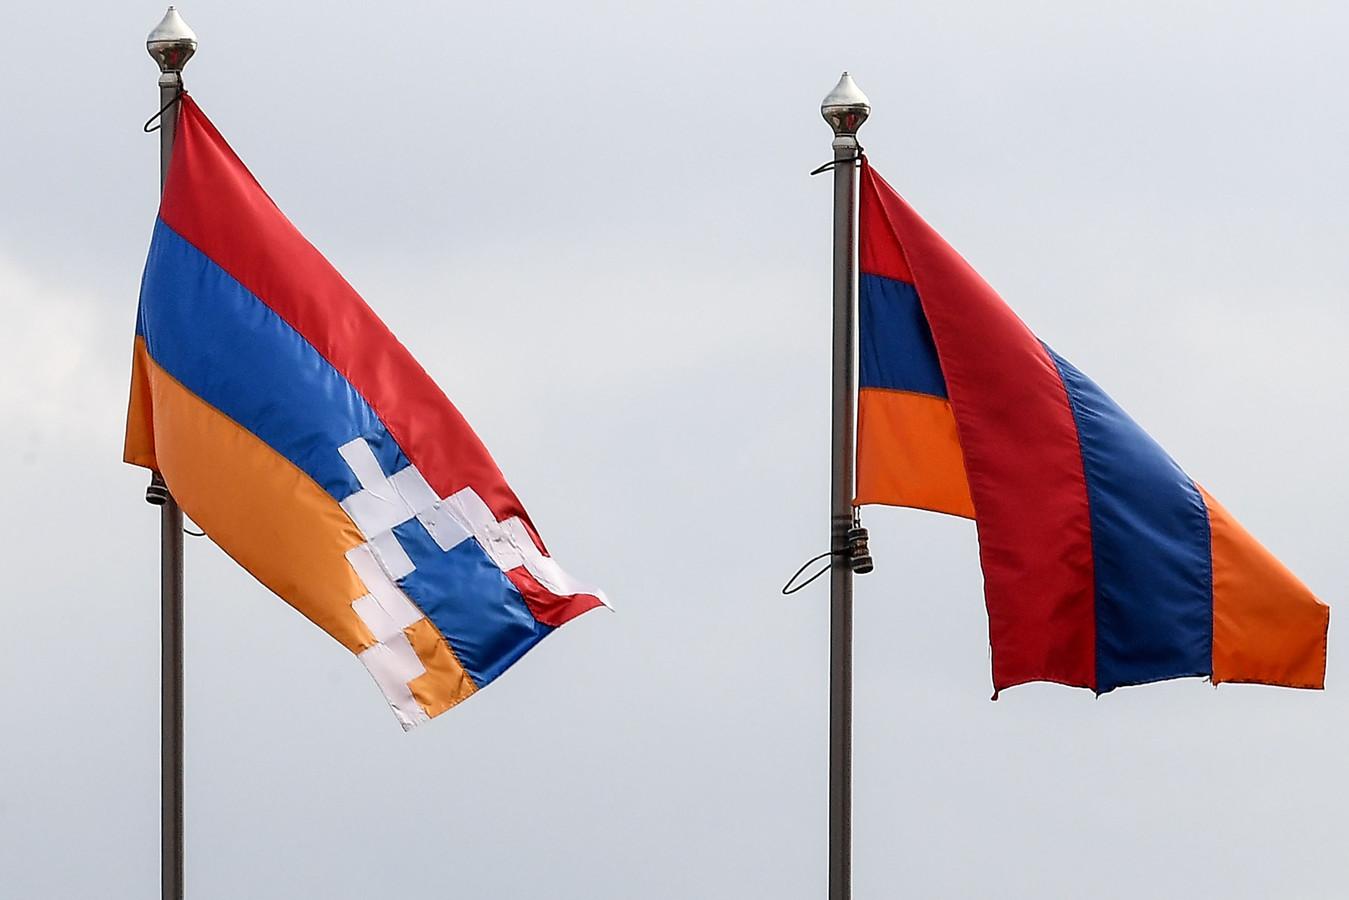 Drapeaux du Haut-Karabakh arménien et de l'Arménie